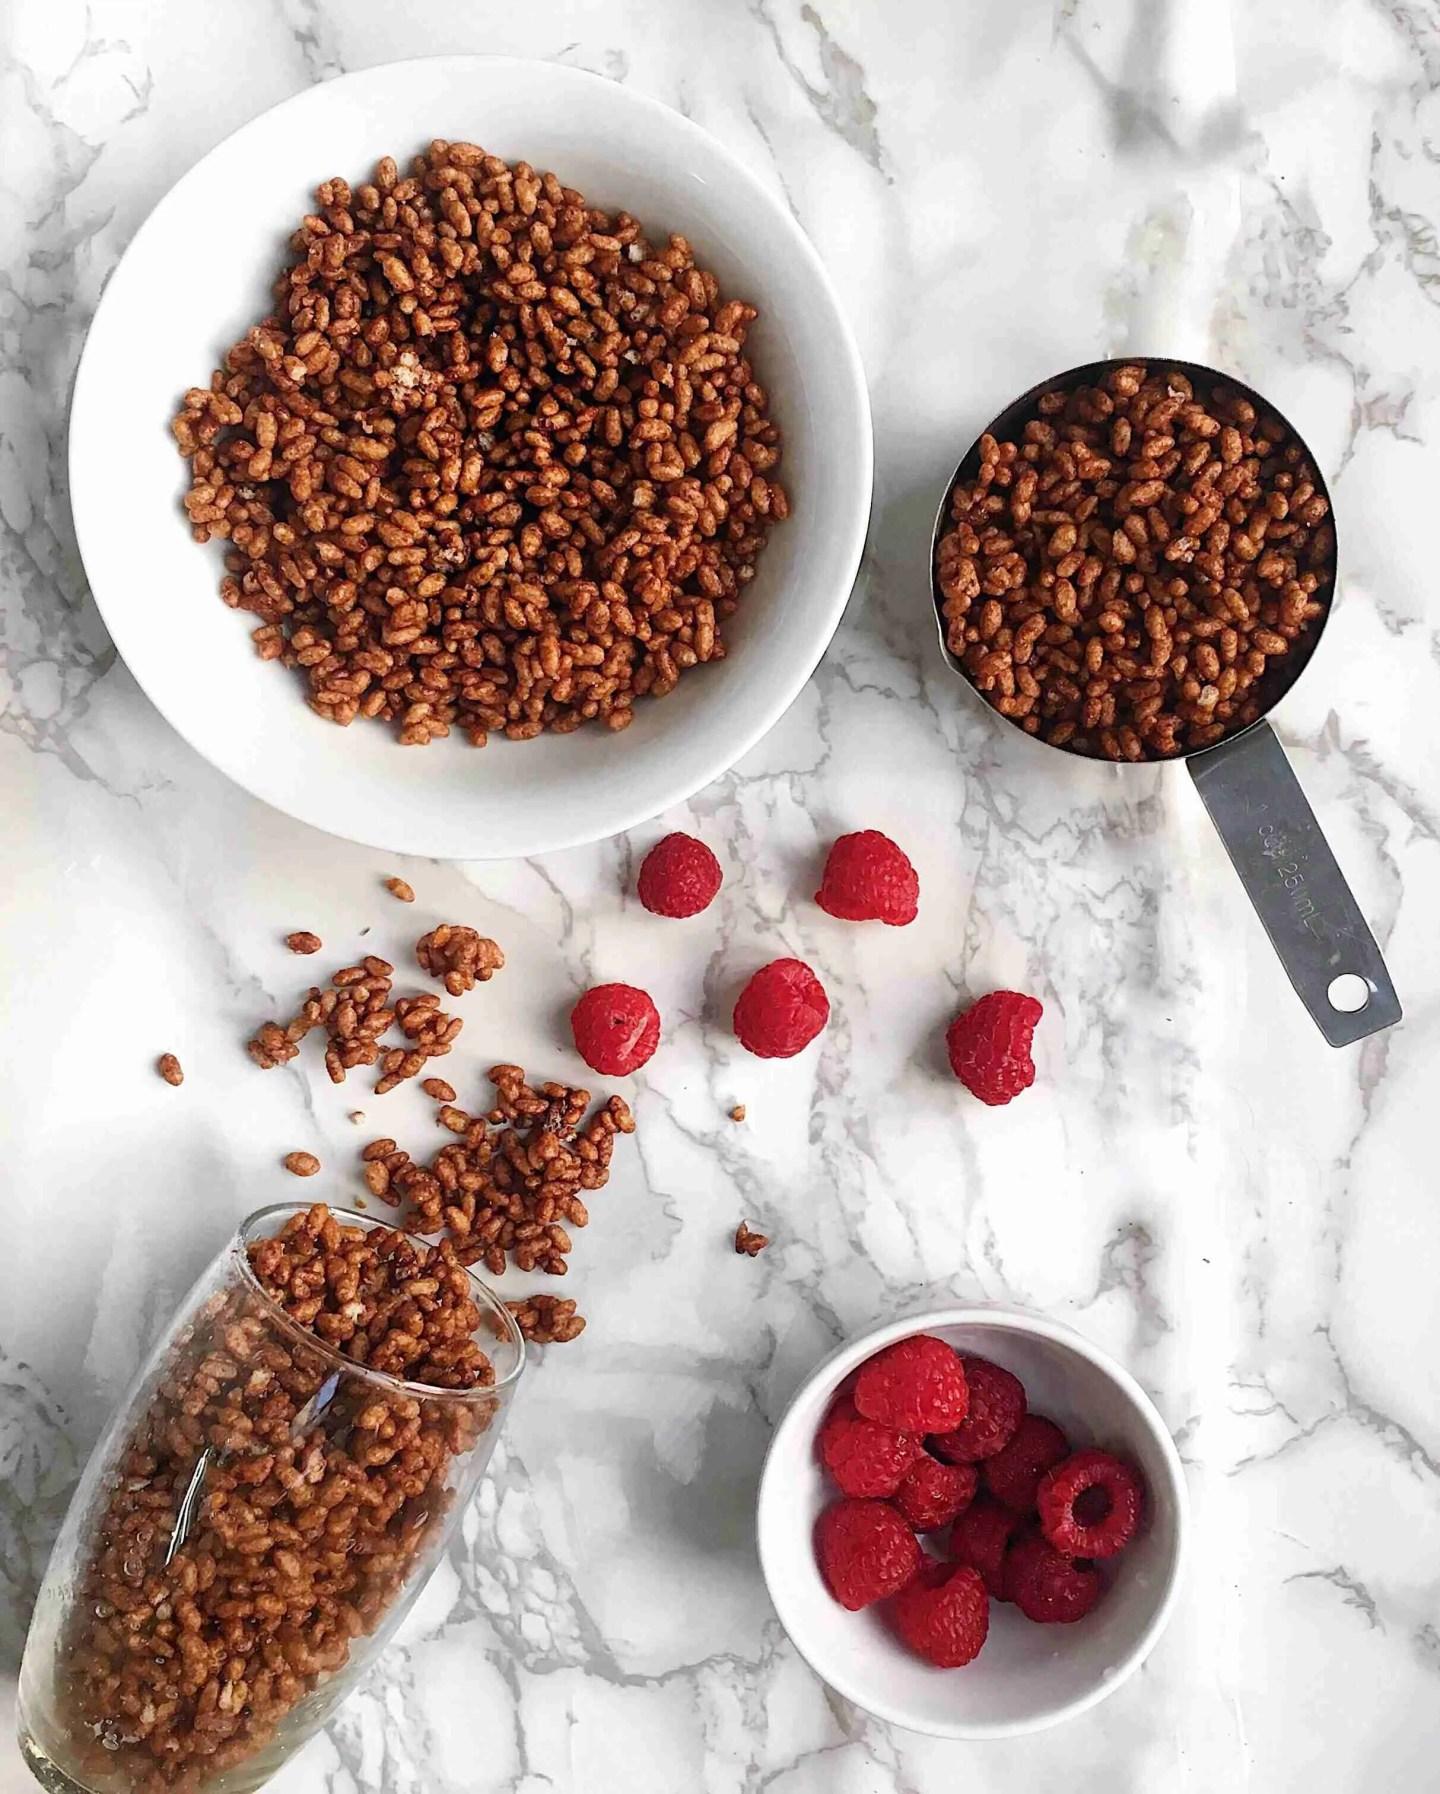 Healthy Coco Pops Cereal Recipe